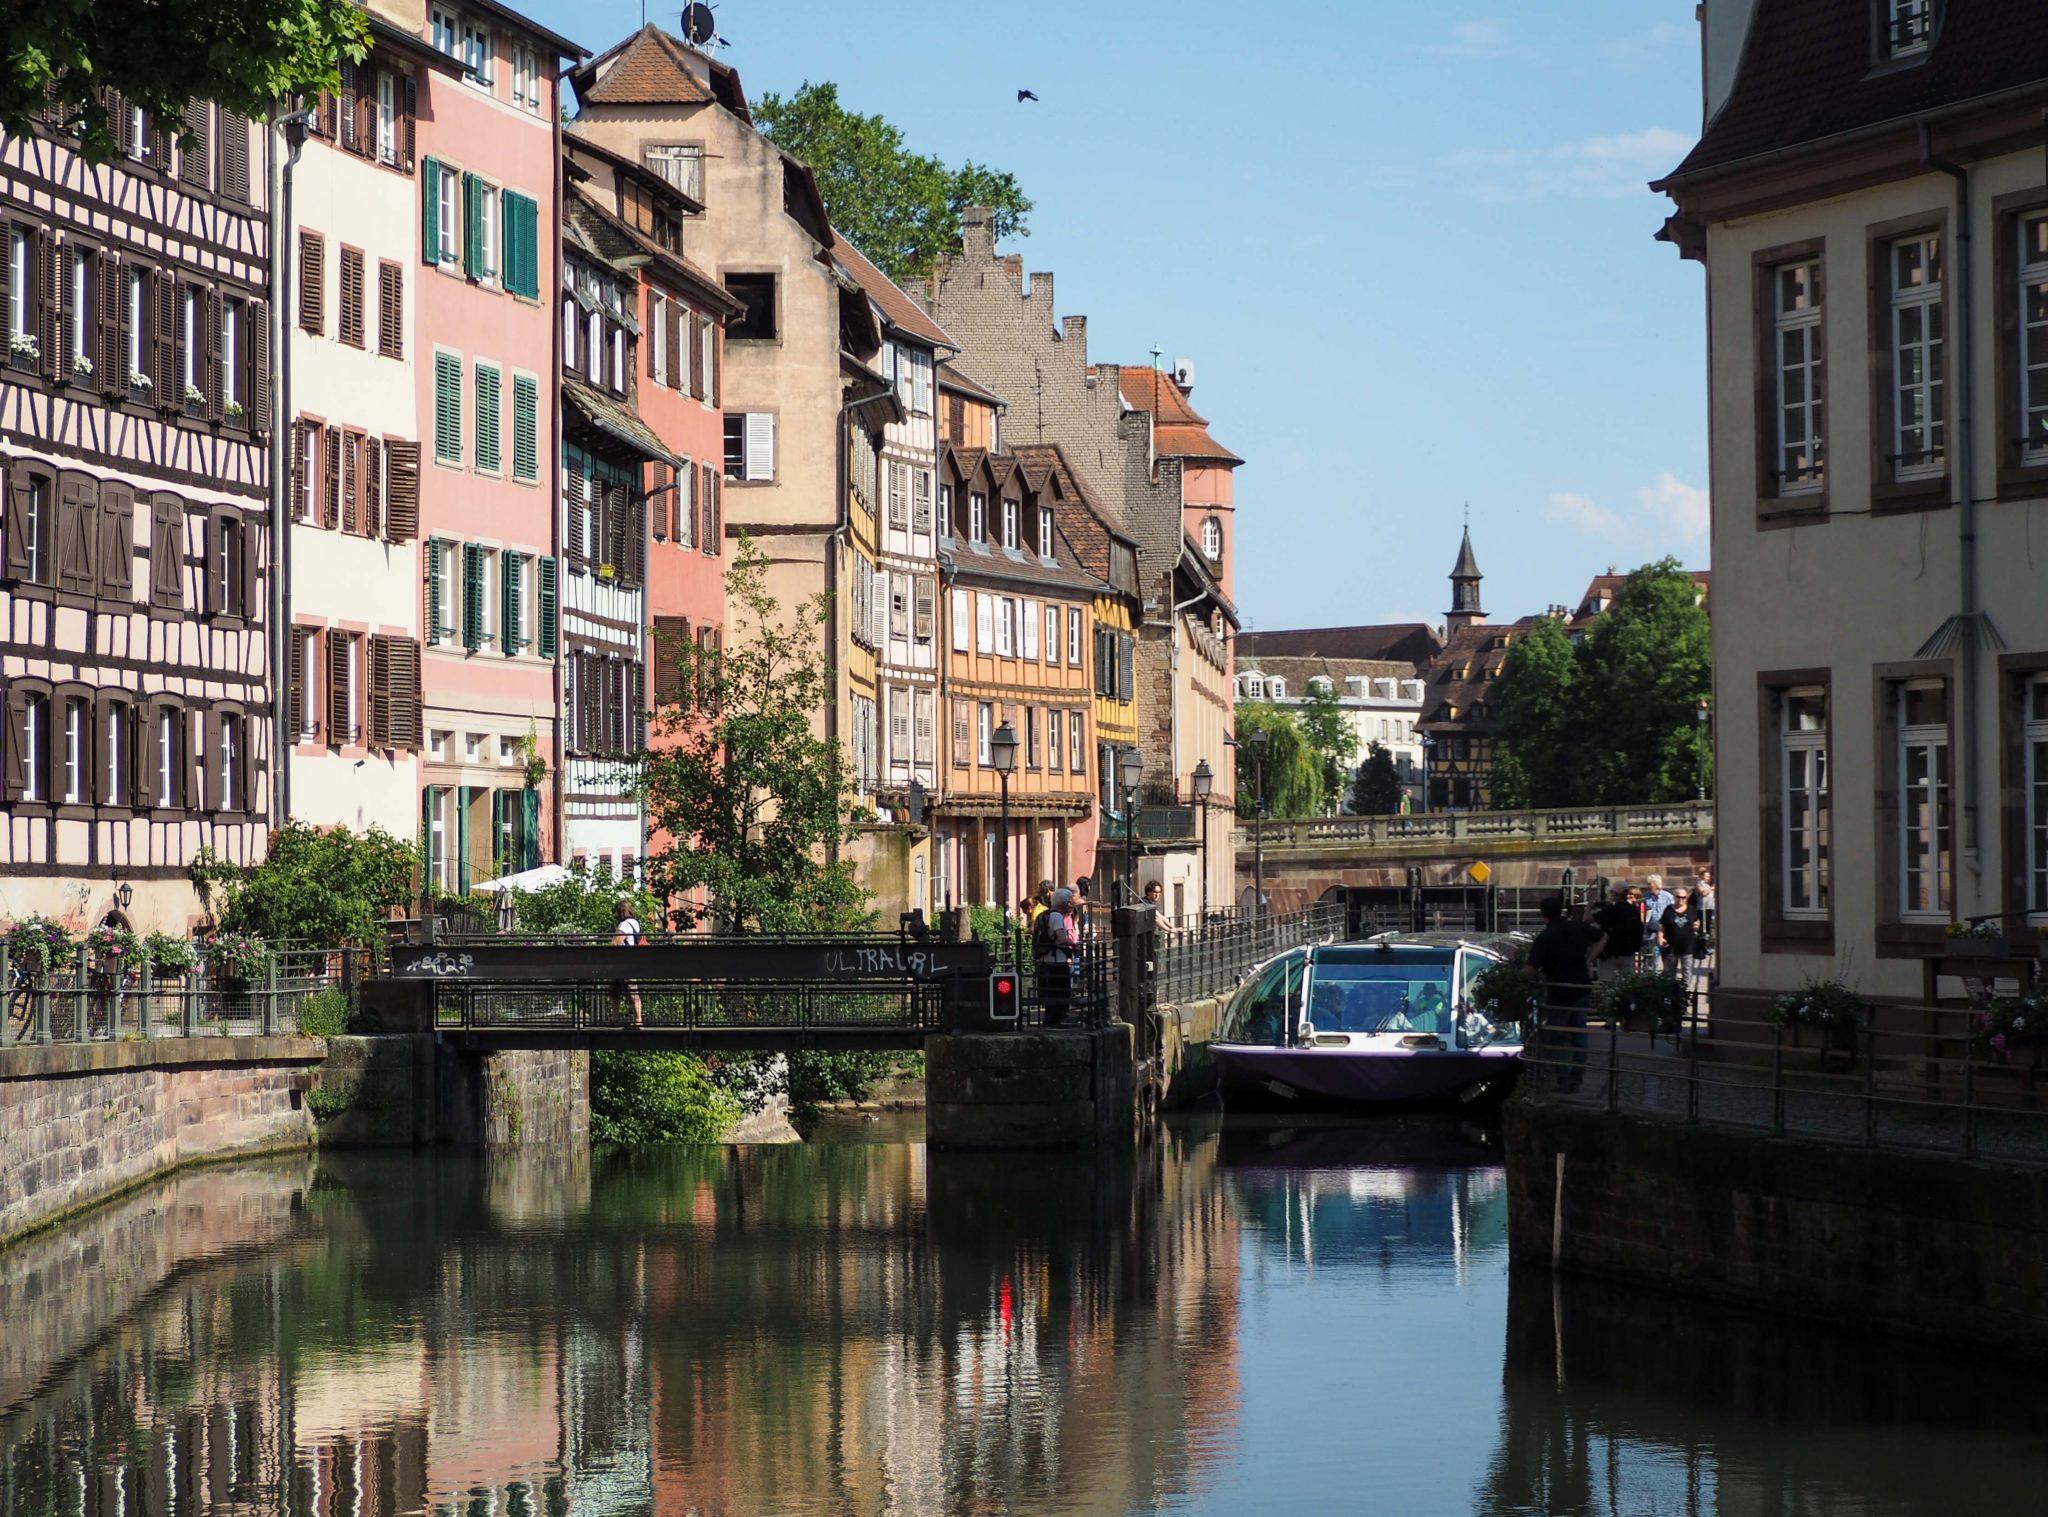 Un tour en bateau à Strasbourg avec Batorama - Visiter Strasbourg au fil de l'eau: 2 jours dans la capitale alsacienne entre amies - Par Voyages et Vagabondages, le blog du voyage en solo au féminin - Récit, photos, conseils, idées de visite et bonnes adresses pour visiter Strasbourg